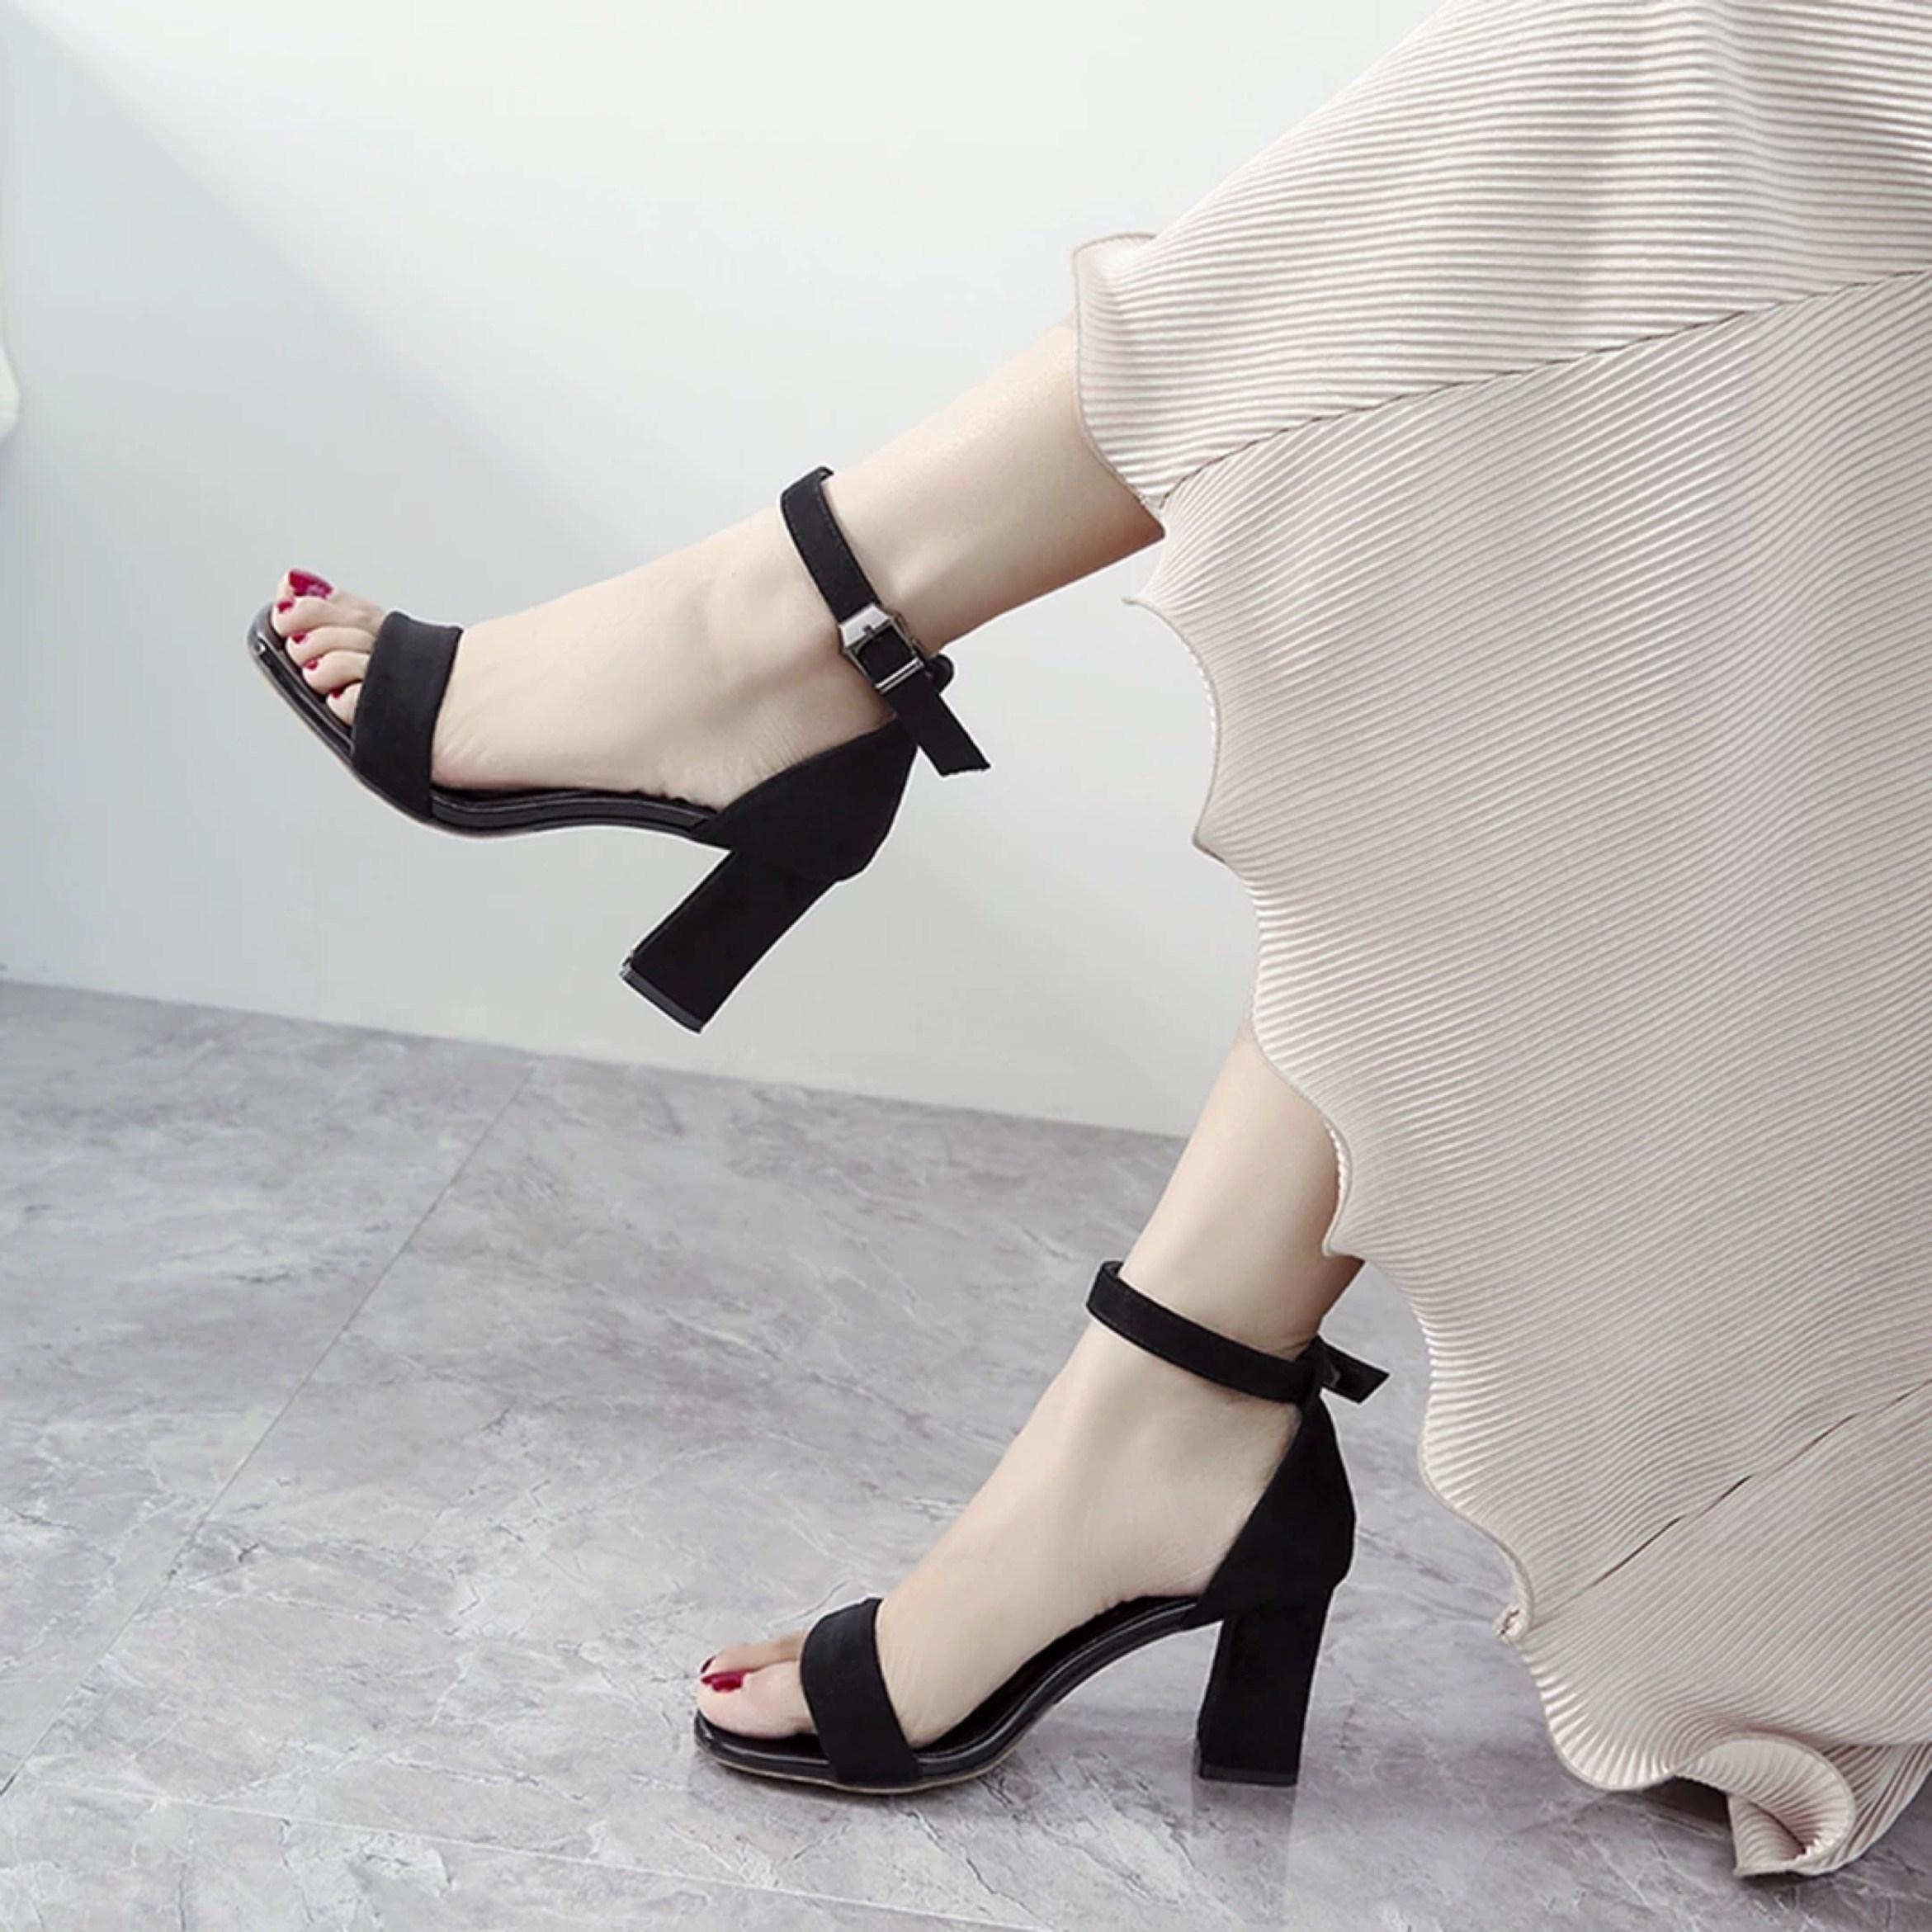 凉鞋女仙女风2019夏季新款学生韩版中跟一字扣带百搭高跟鞋女夏潮